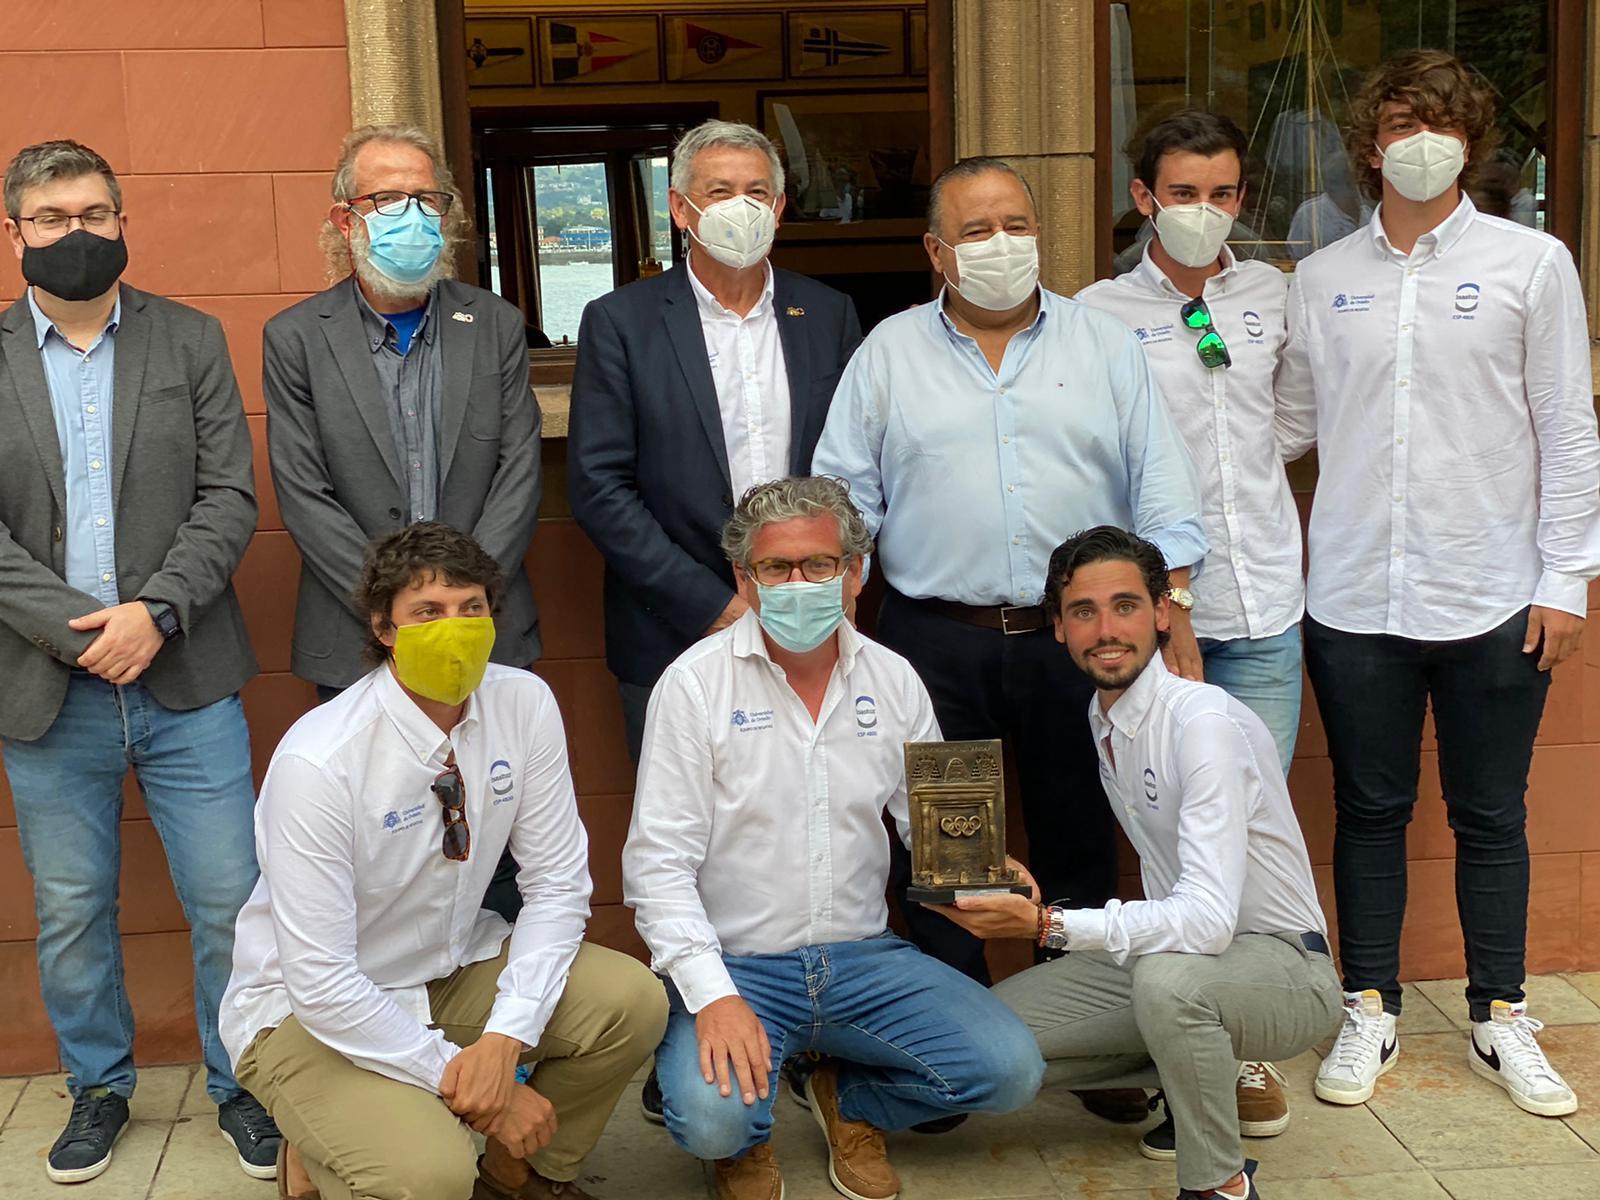 Finalizó la XXII edición de la Regata ISASTUR-Universidad de Oviedo